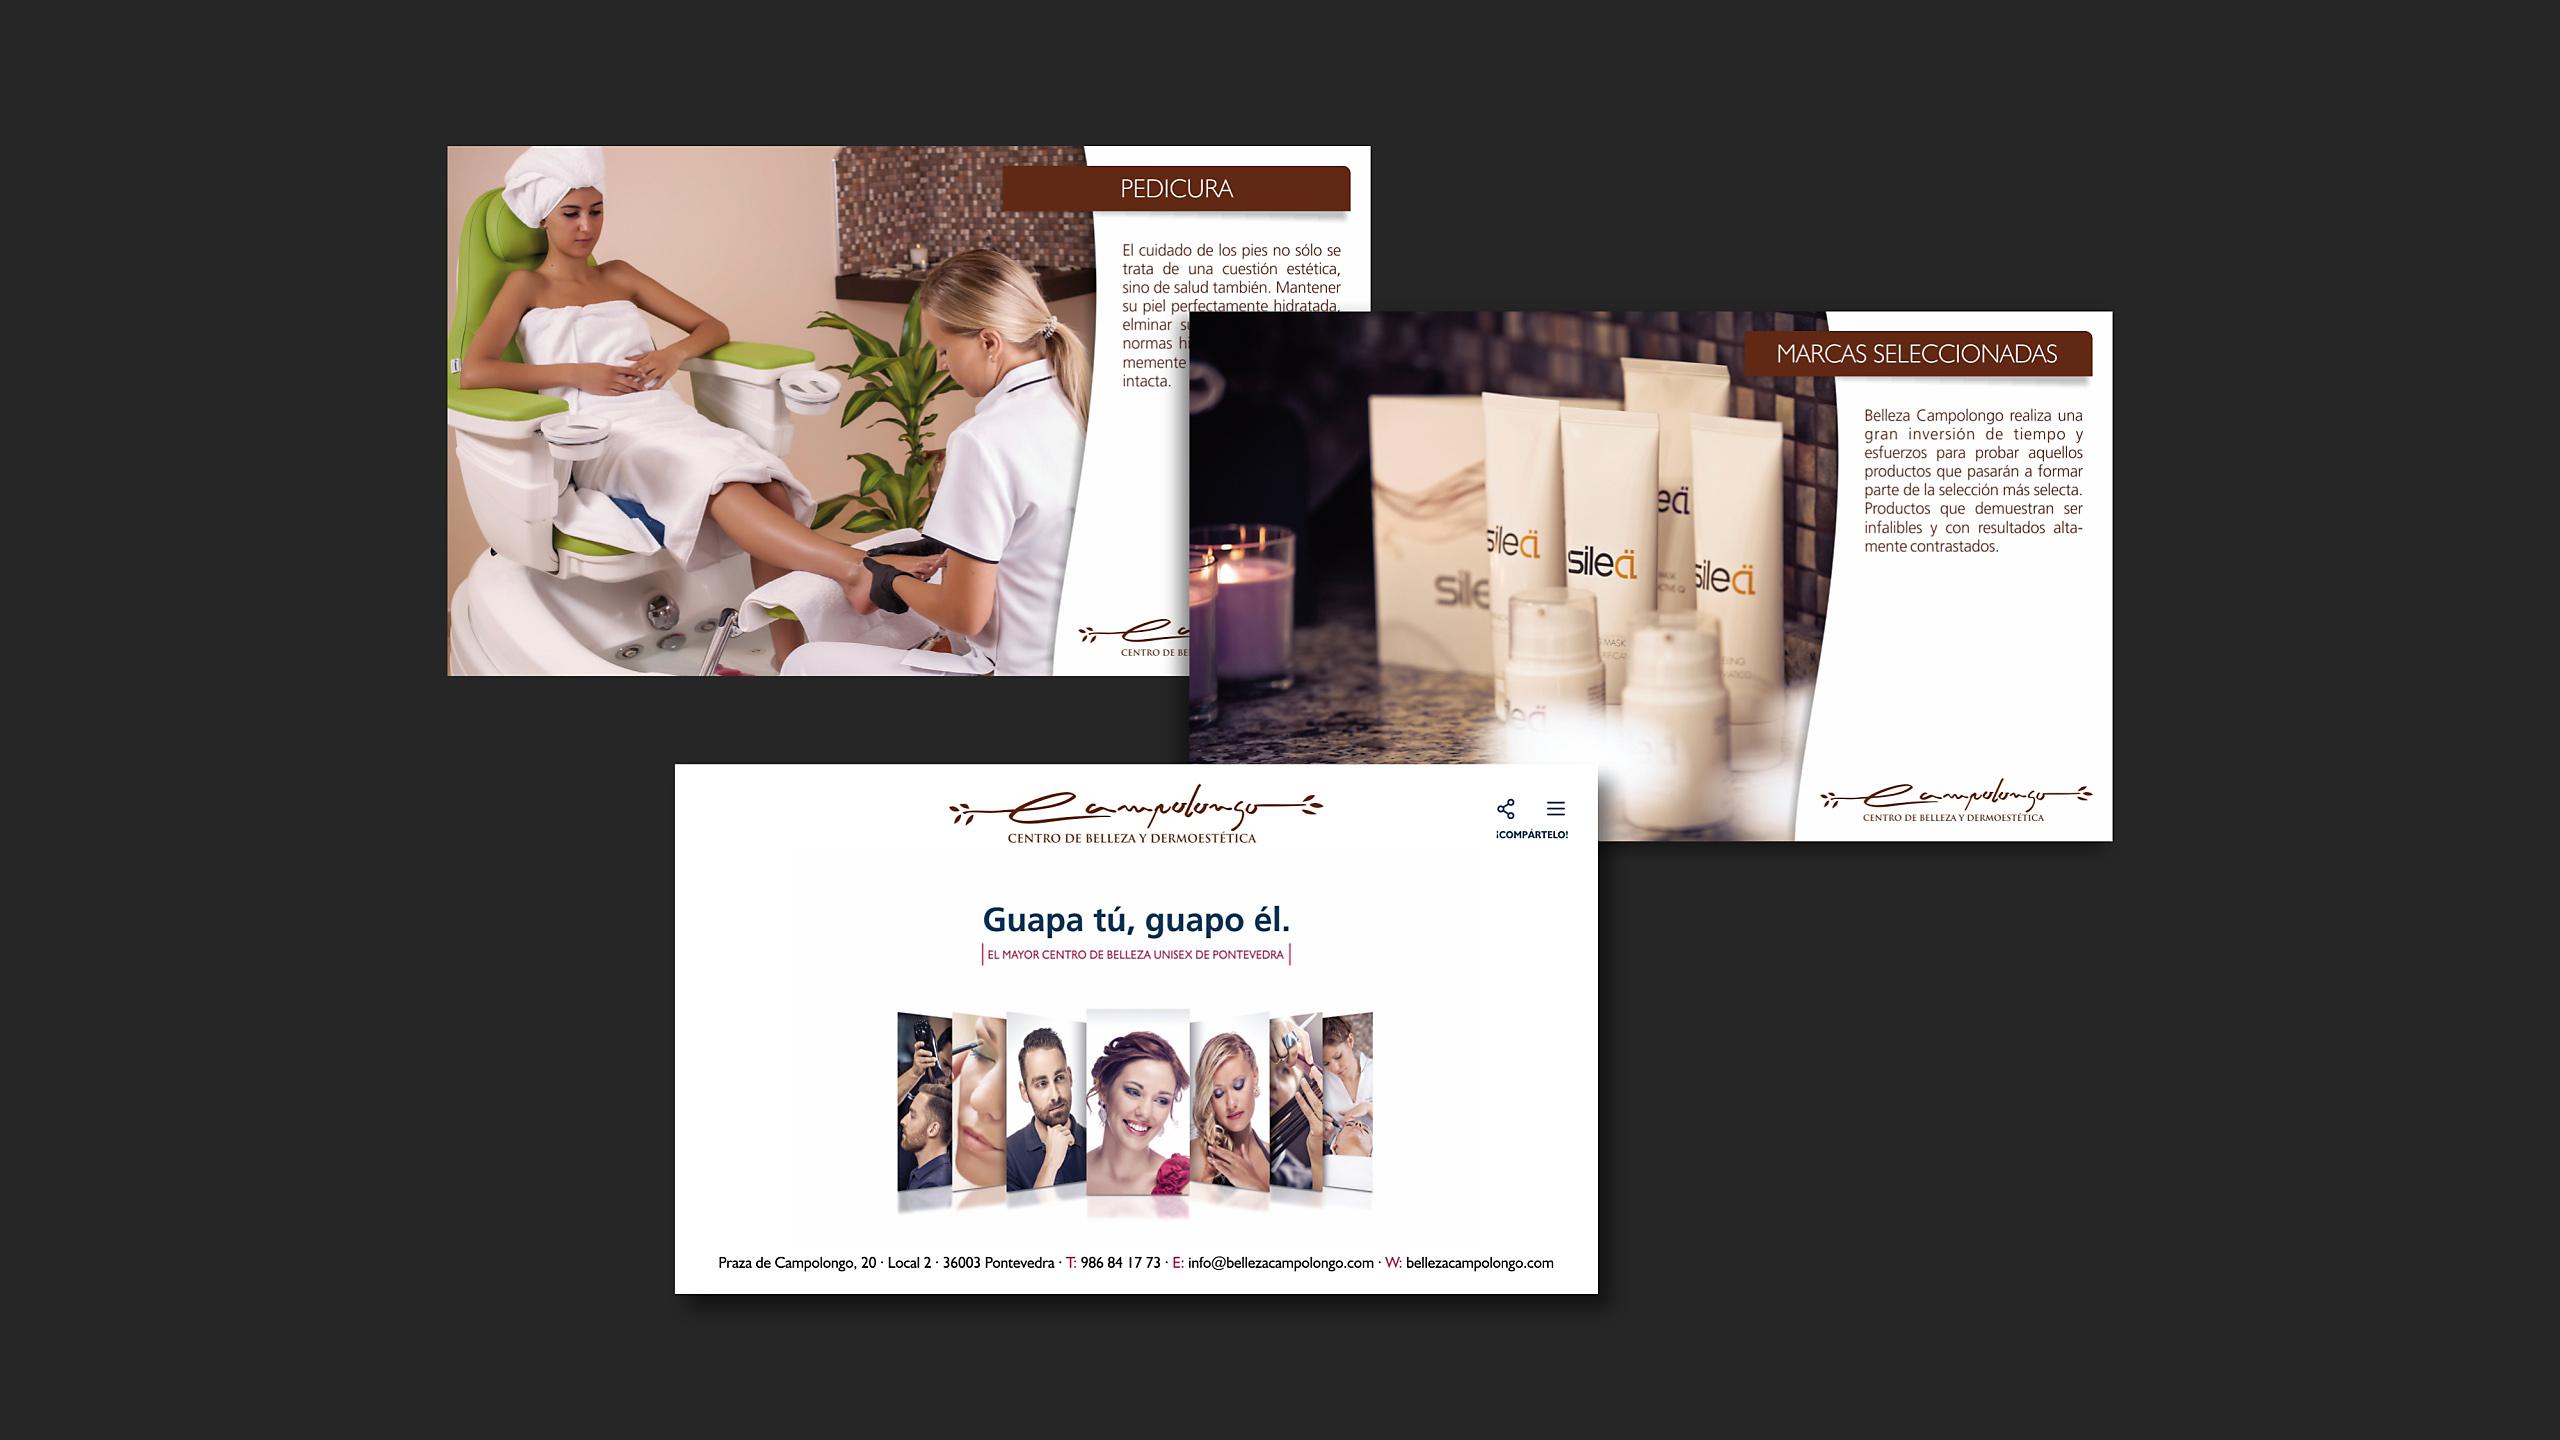 Diseño belleza campolongo catalogo servicios 3